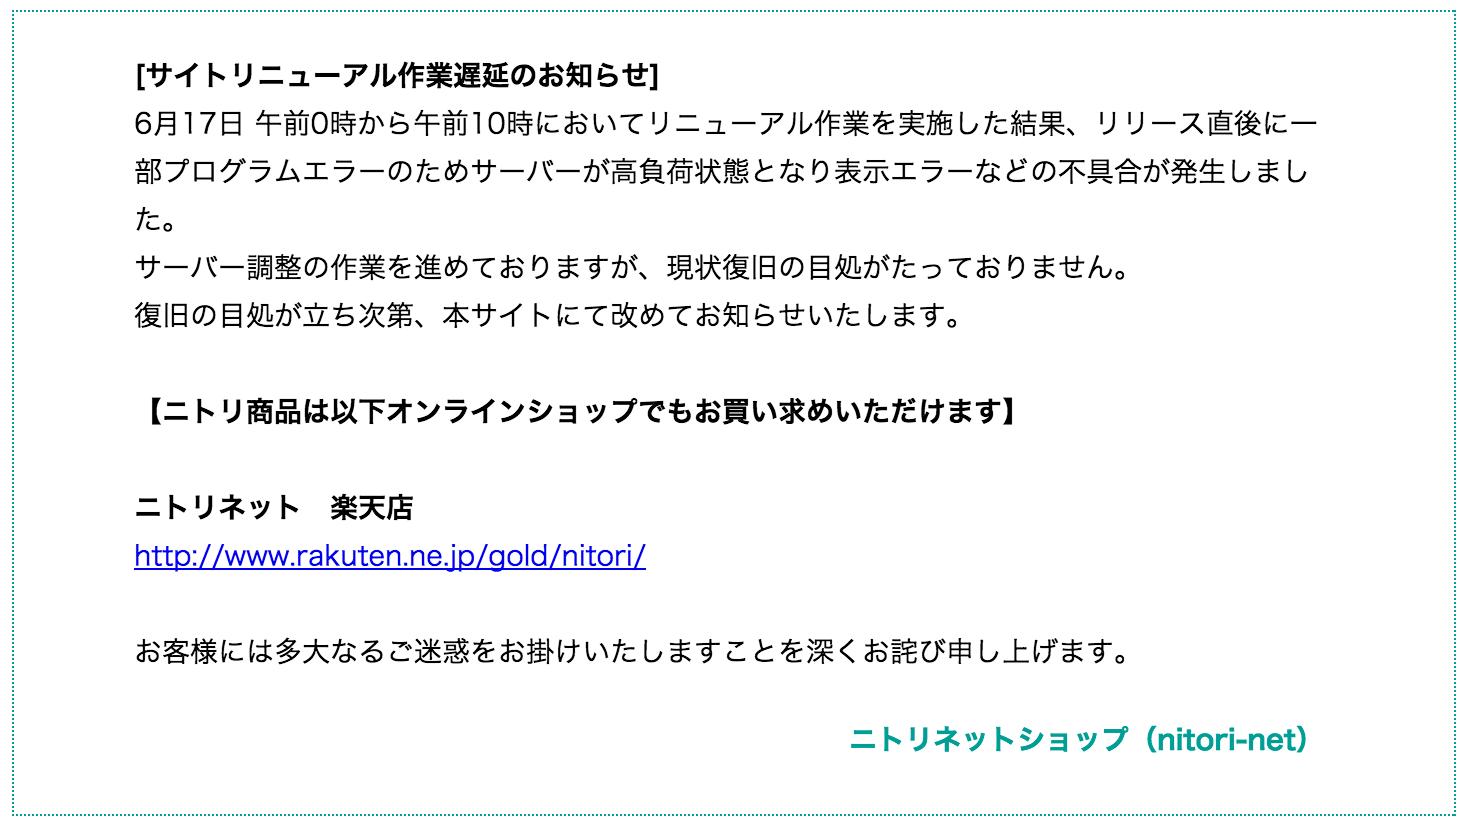 002_20150619_nitori